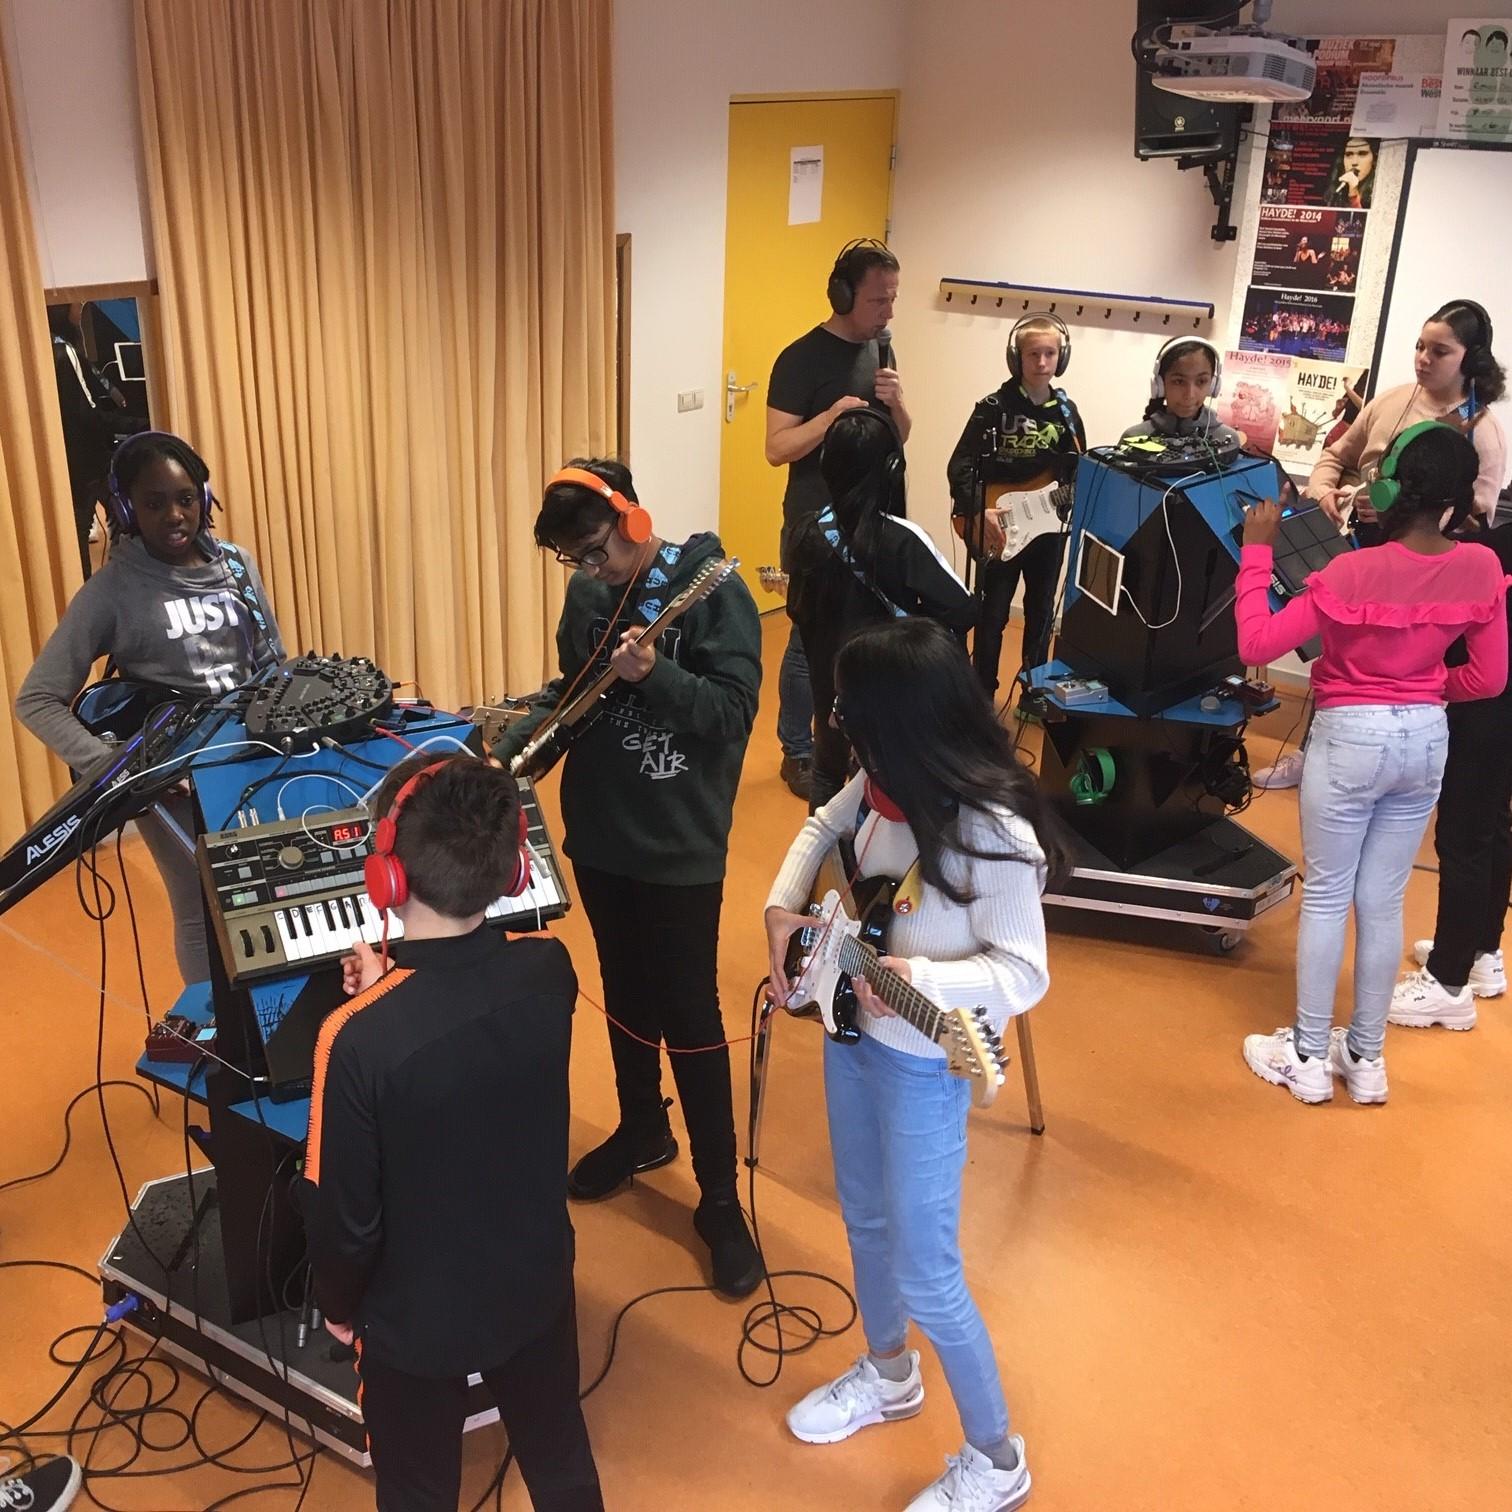 Jamming @the HUB!(uitproberen) - De Jam Hub Tower is een een mobiele popband waar je op speelse wijze pop instrumenten kunt uitproberen. Pak die gitaar of neem die drumstokken en speel er op los! De begeleidende coach legt je alles uit over de instrumenten die gebruikt worden in popbands en hoe je daar op kan spelen. Warm gelopen voor het echte werk! Doe dan beneden mee in de workshop: popband! meteen spelen.